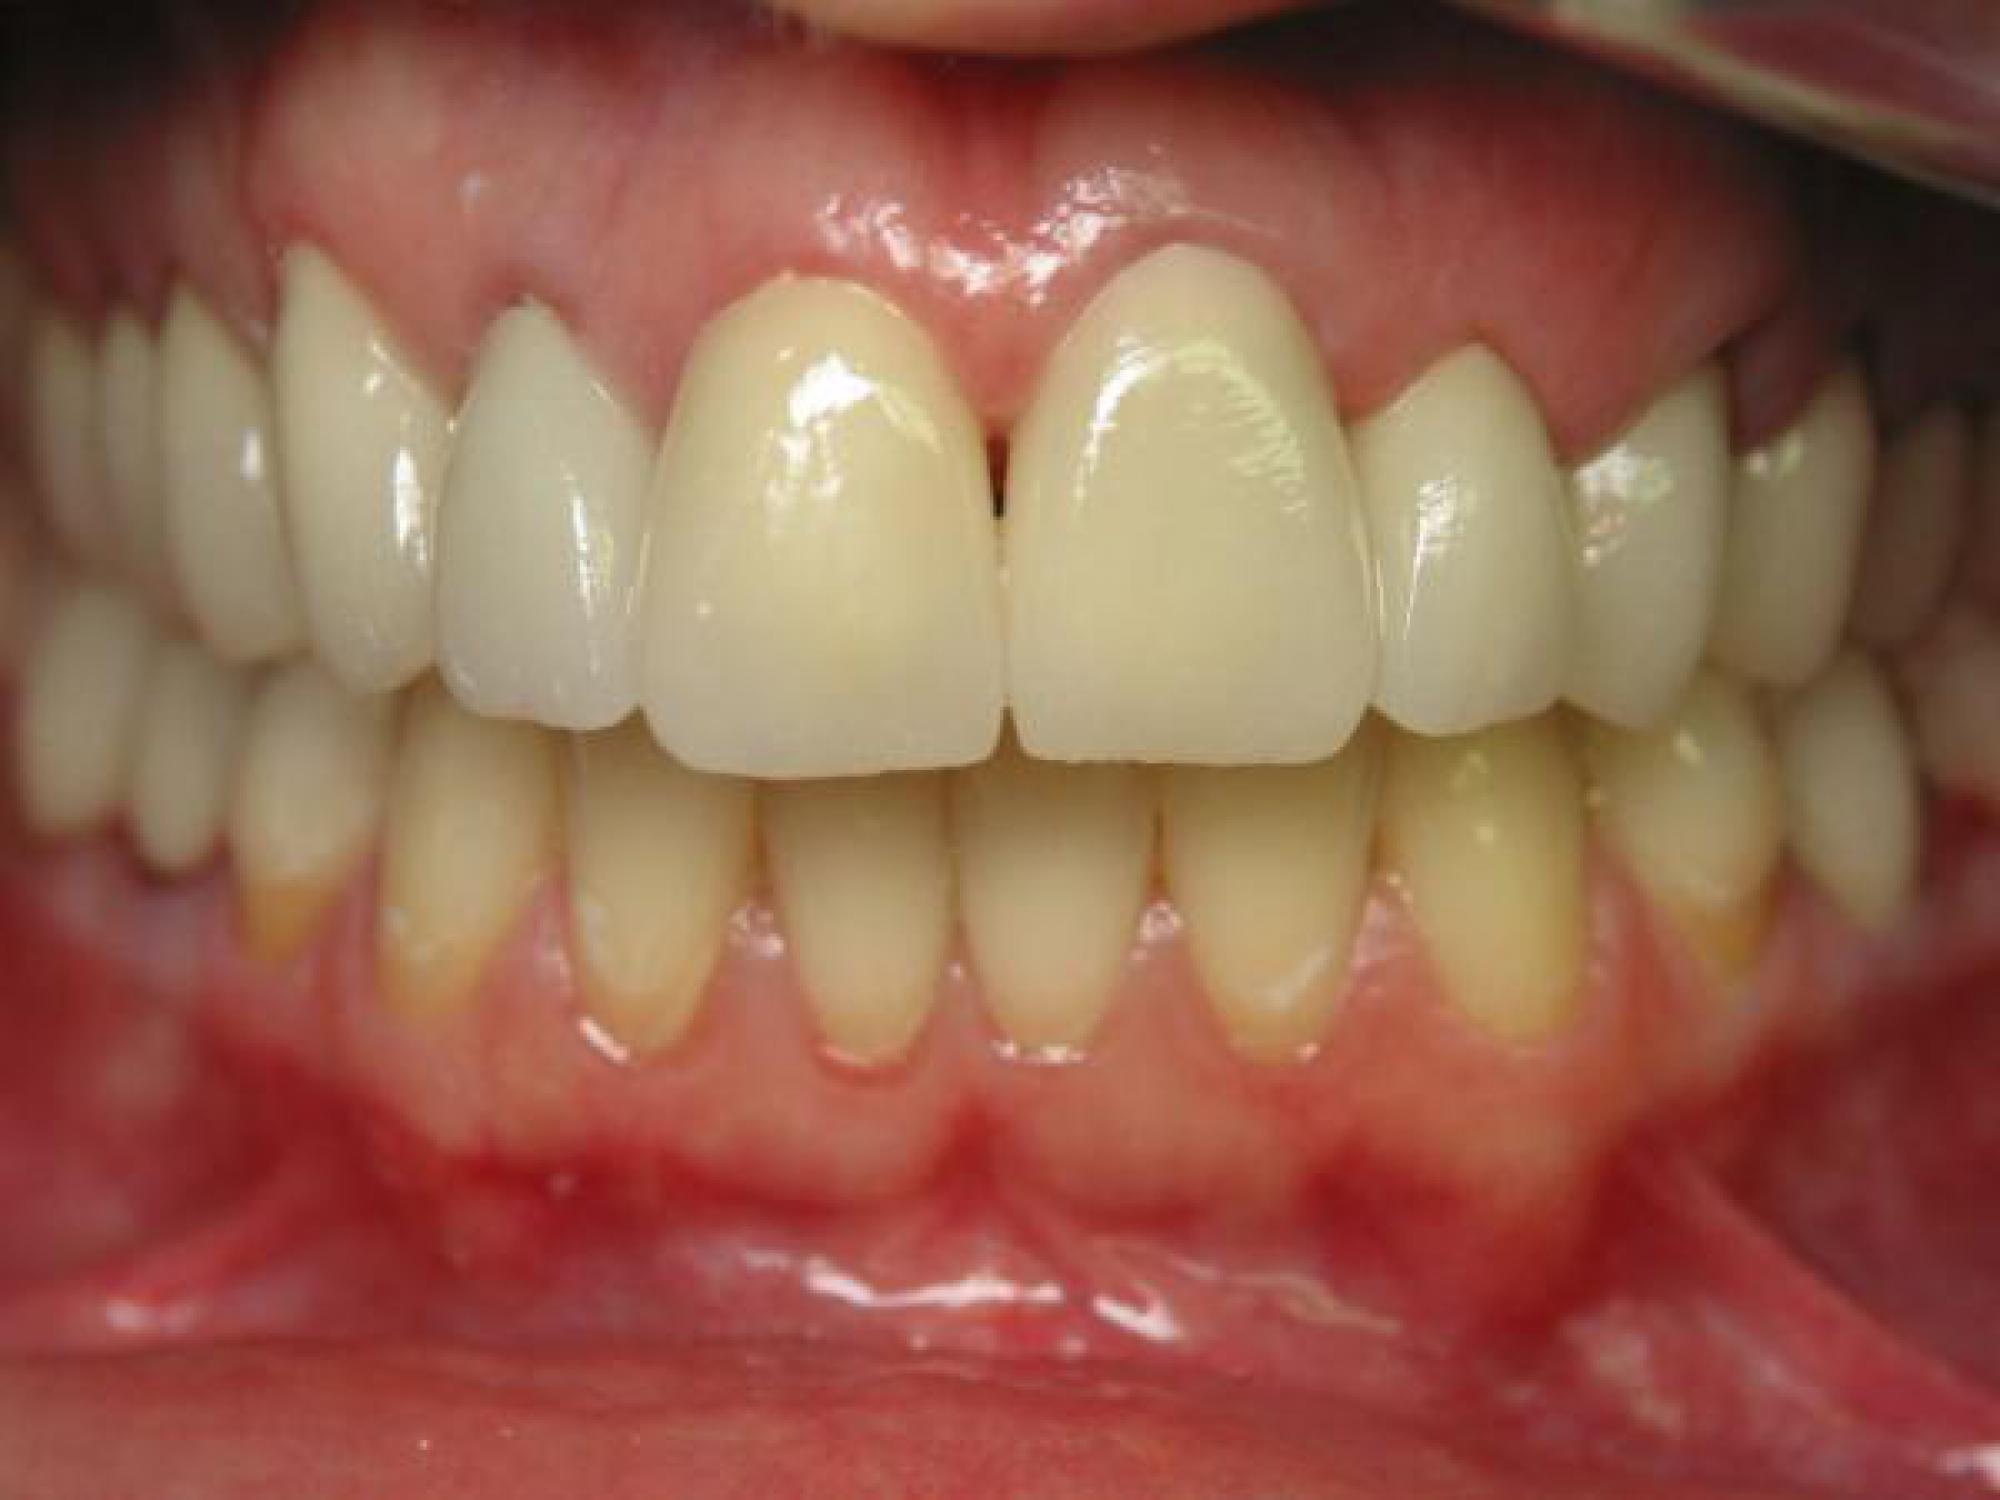 r habilitations esth tiques dentaires t moignages de soins et esth tique dentaires. Black Bedroom Furniture Sets. Home Design Ideas